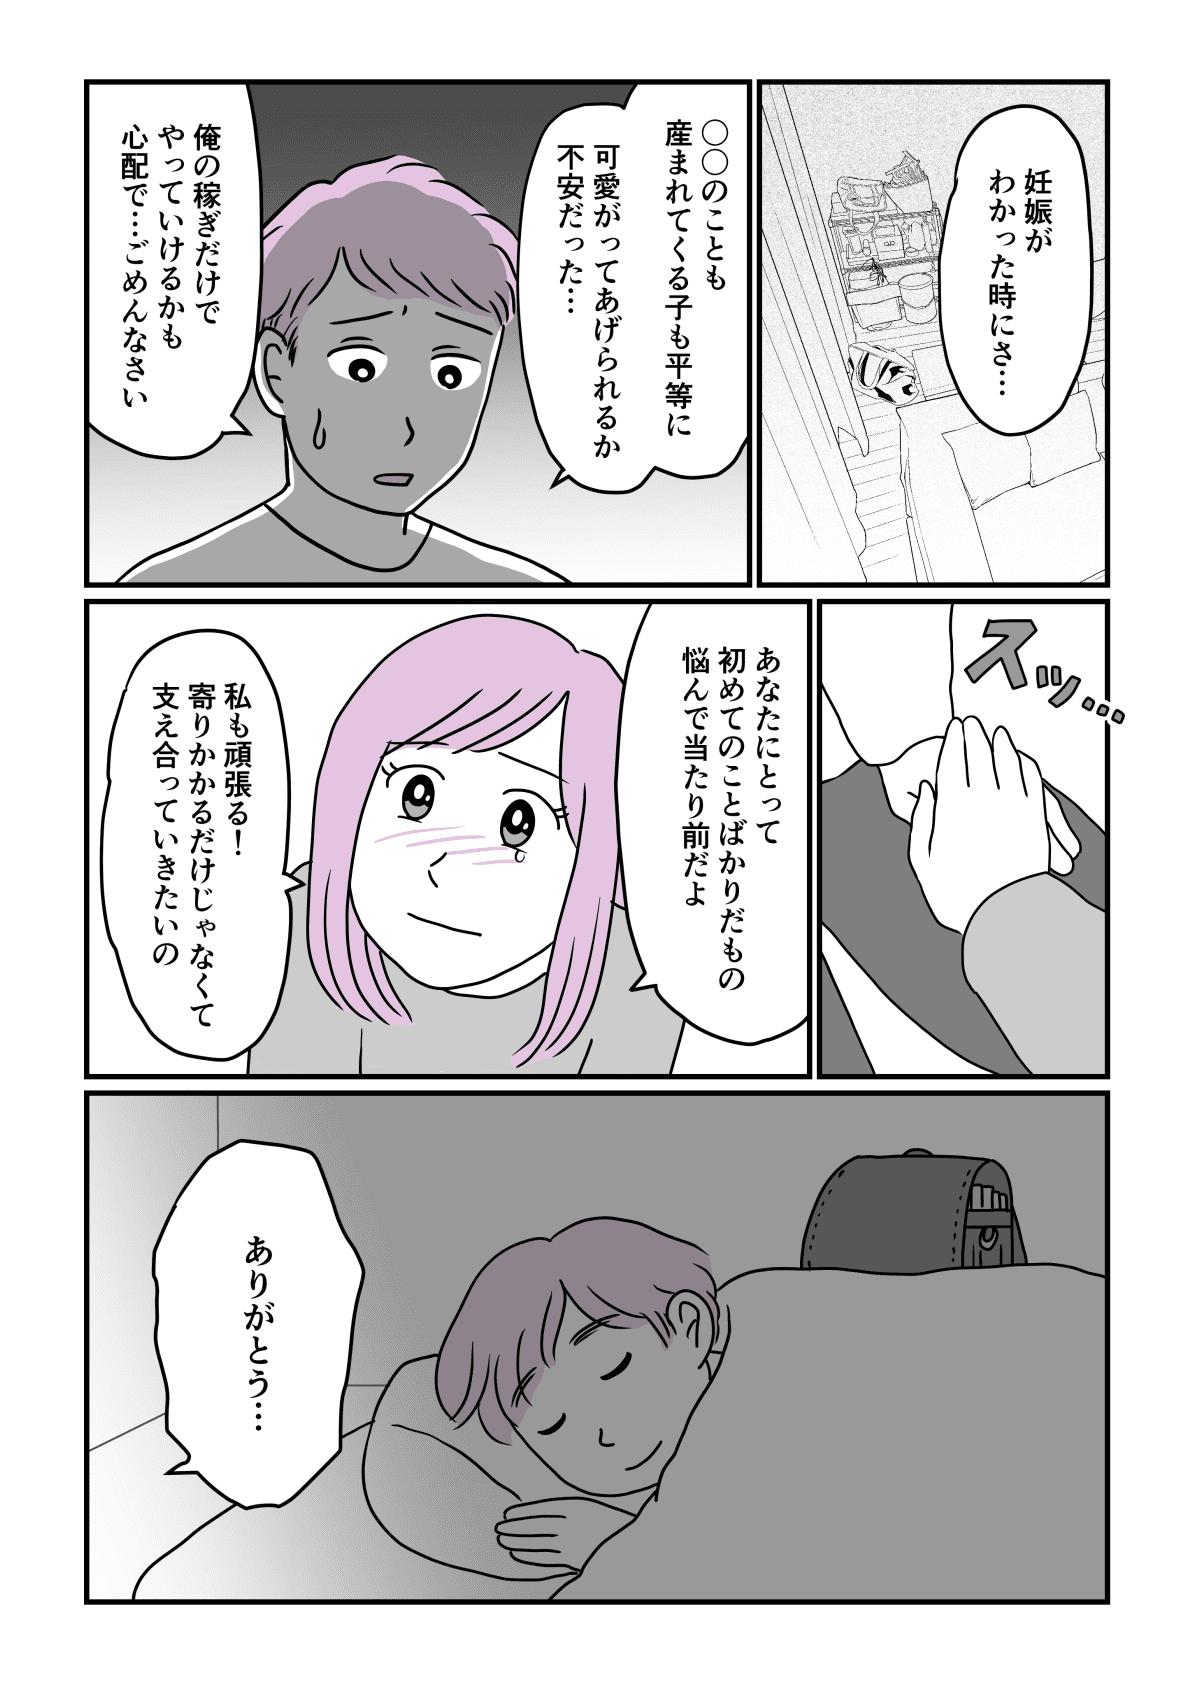 旦那のLINE見た後編3